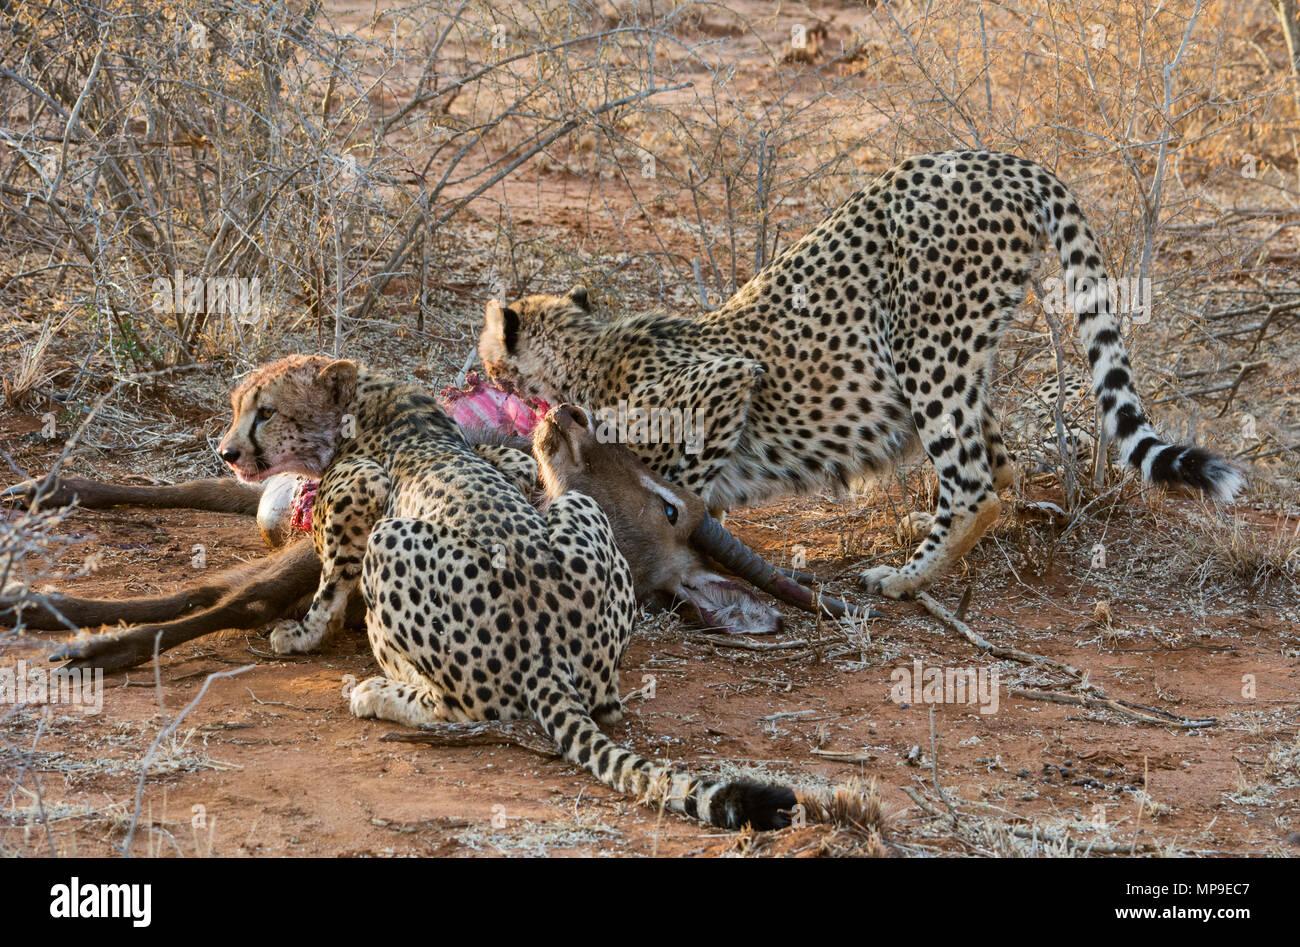 Zwei Geparden ihre Töten eines waterbuffalo in Madikwe Südafrika teilen Stockbild